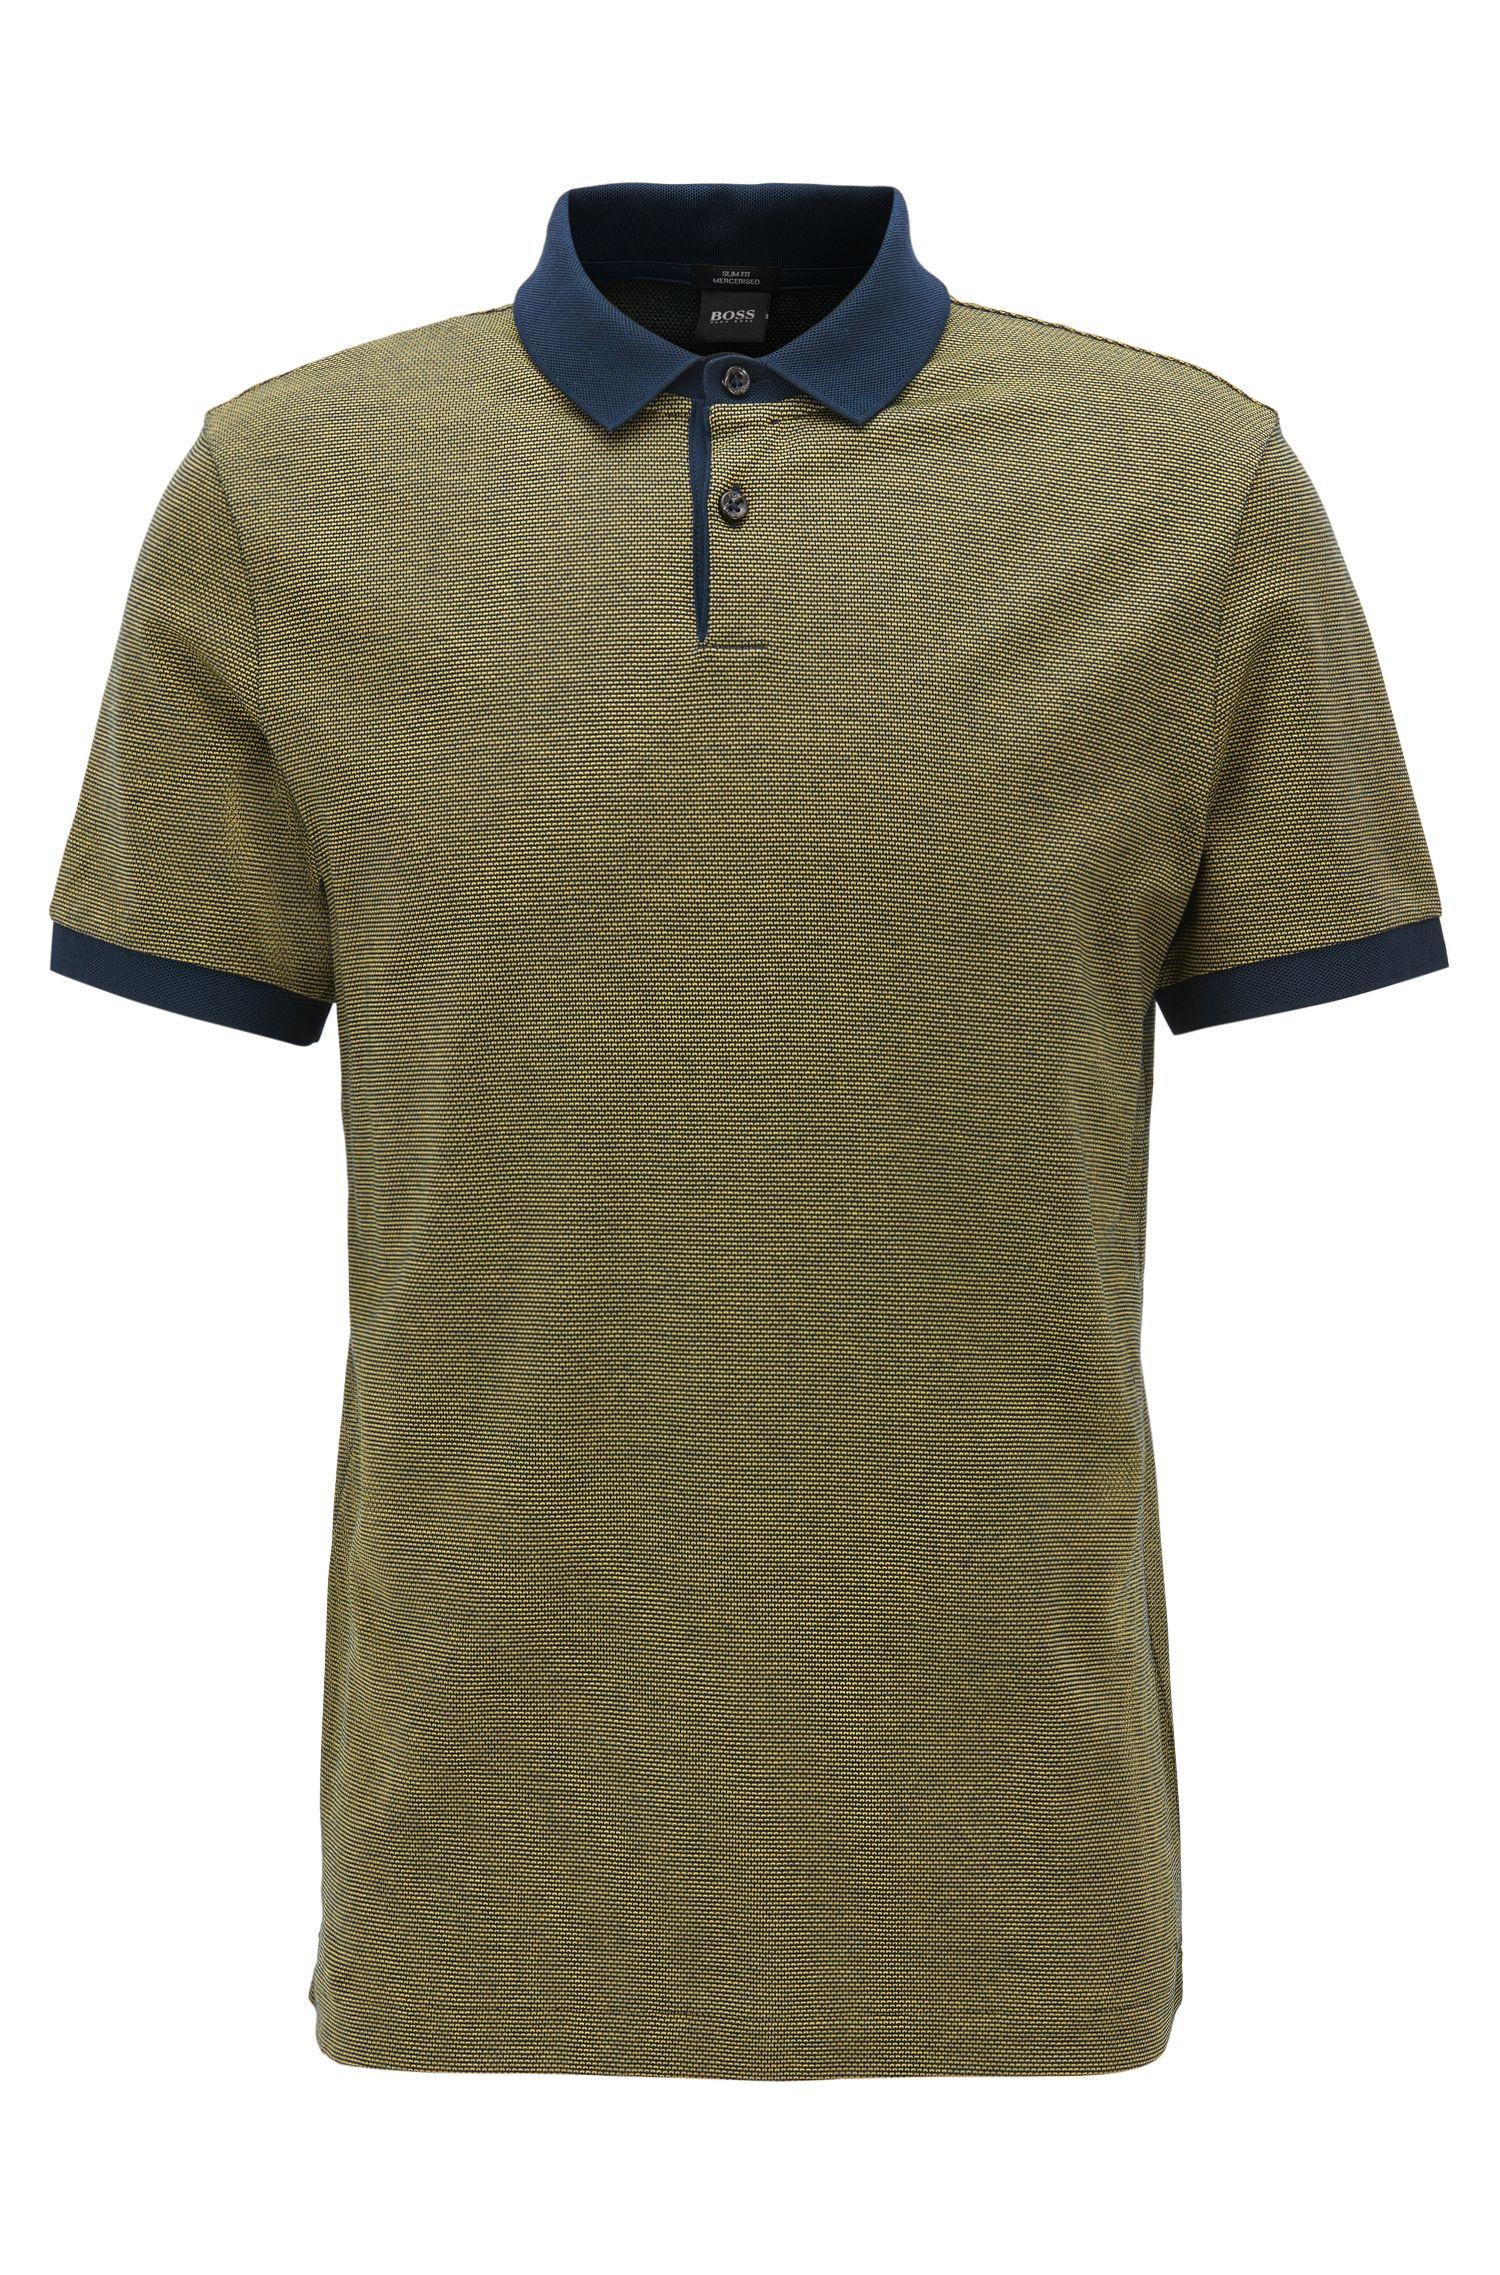 Mercerized Cotton Polo Shirt, Slim Fit | Penrose